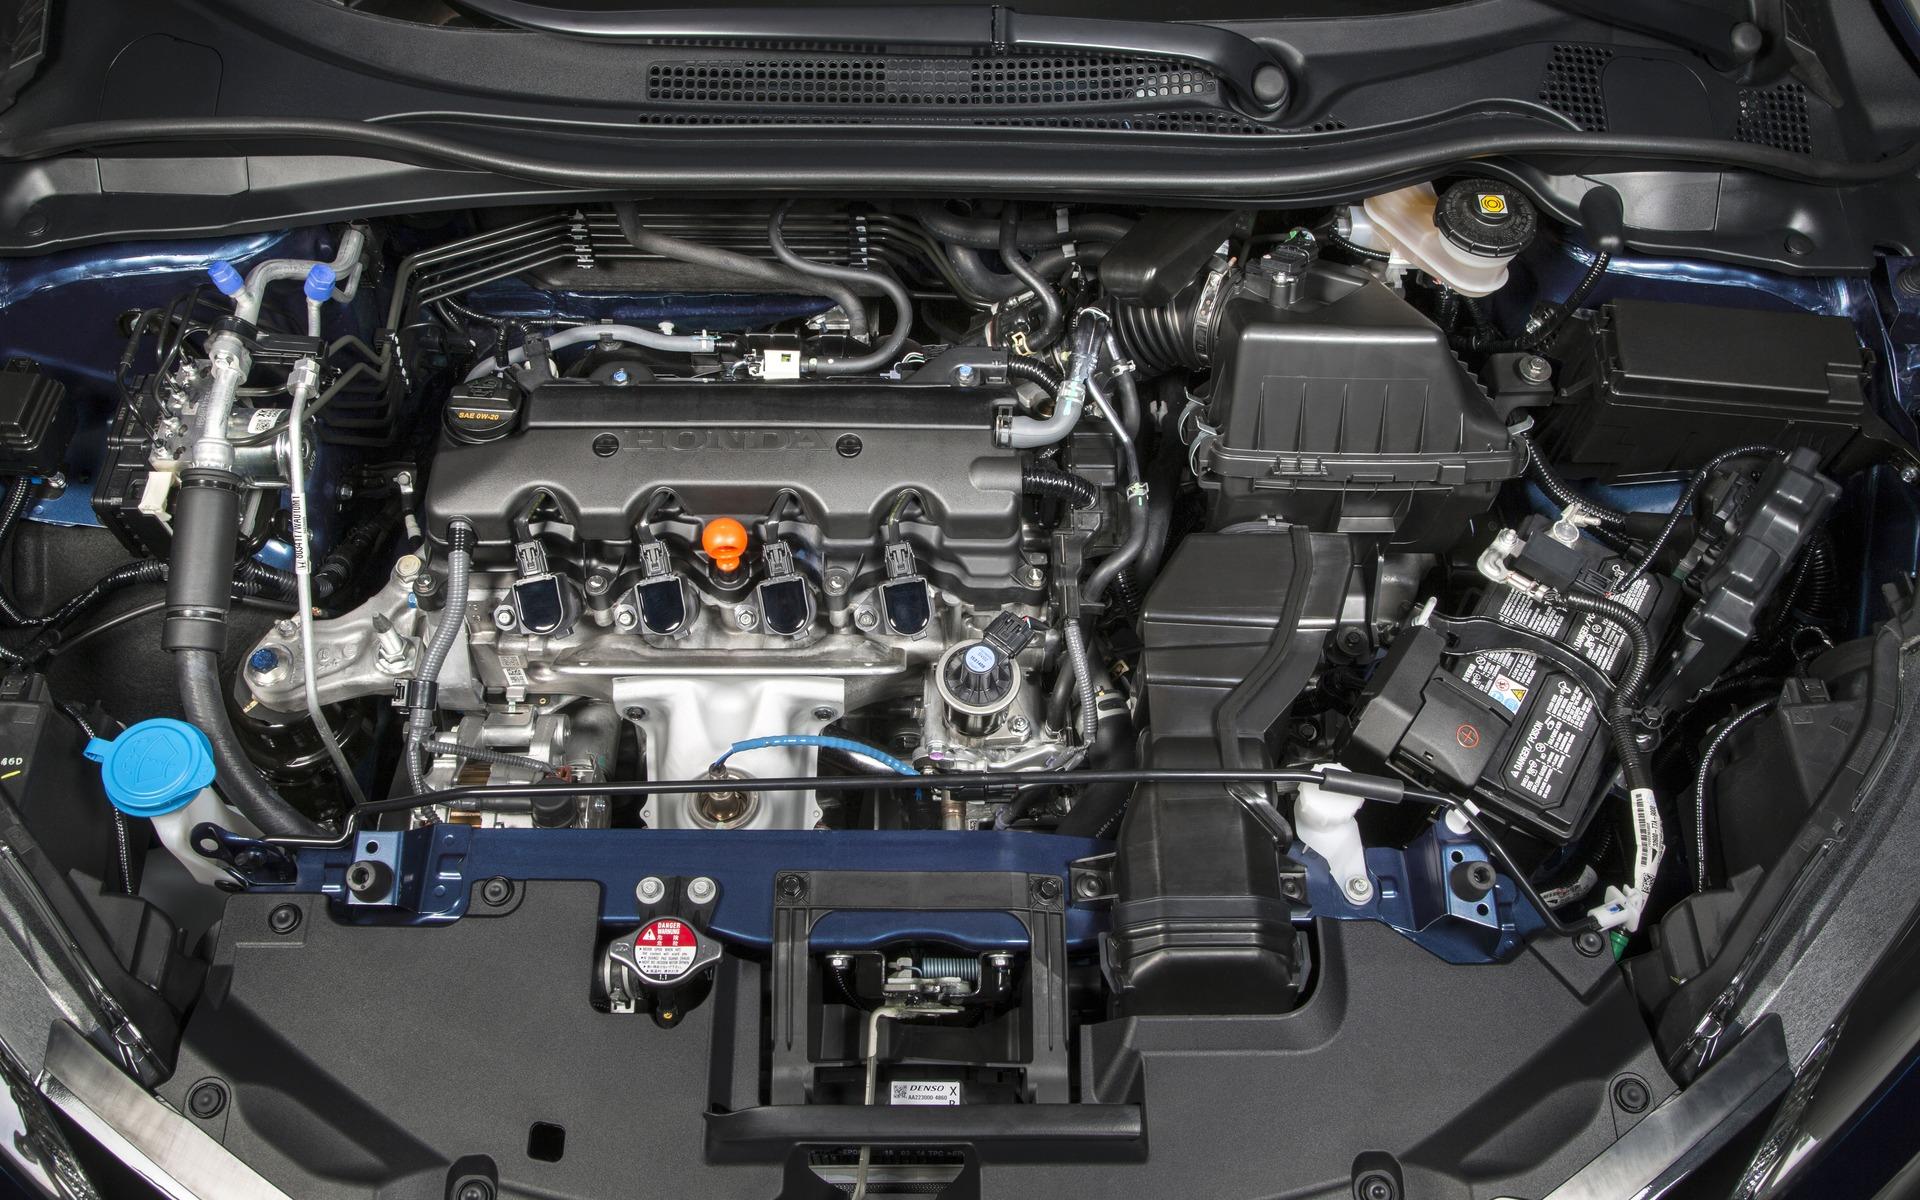 Honda HR-V 2016 - Le moteur 1,8 litres emprunté à la Civic.